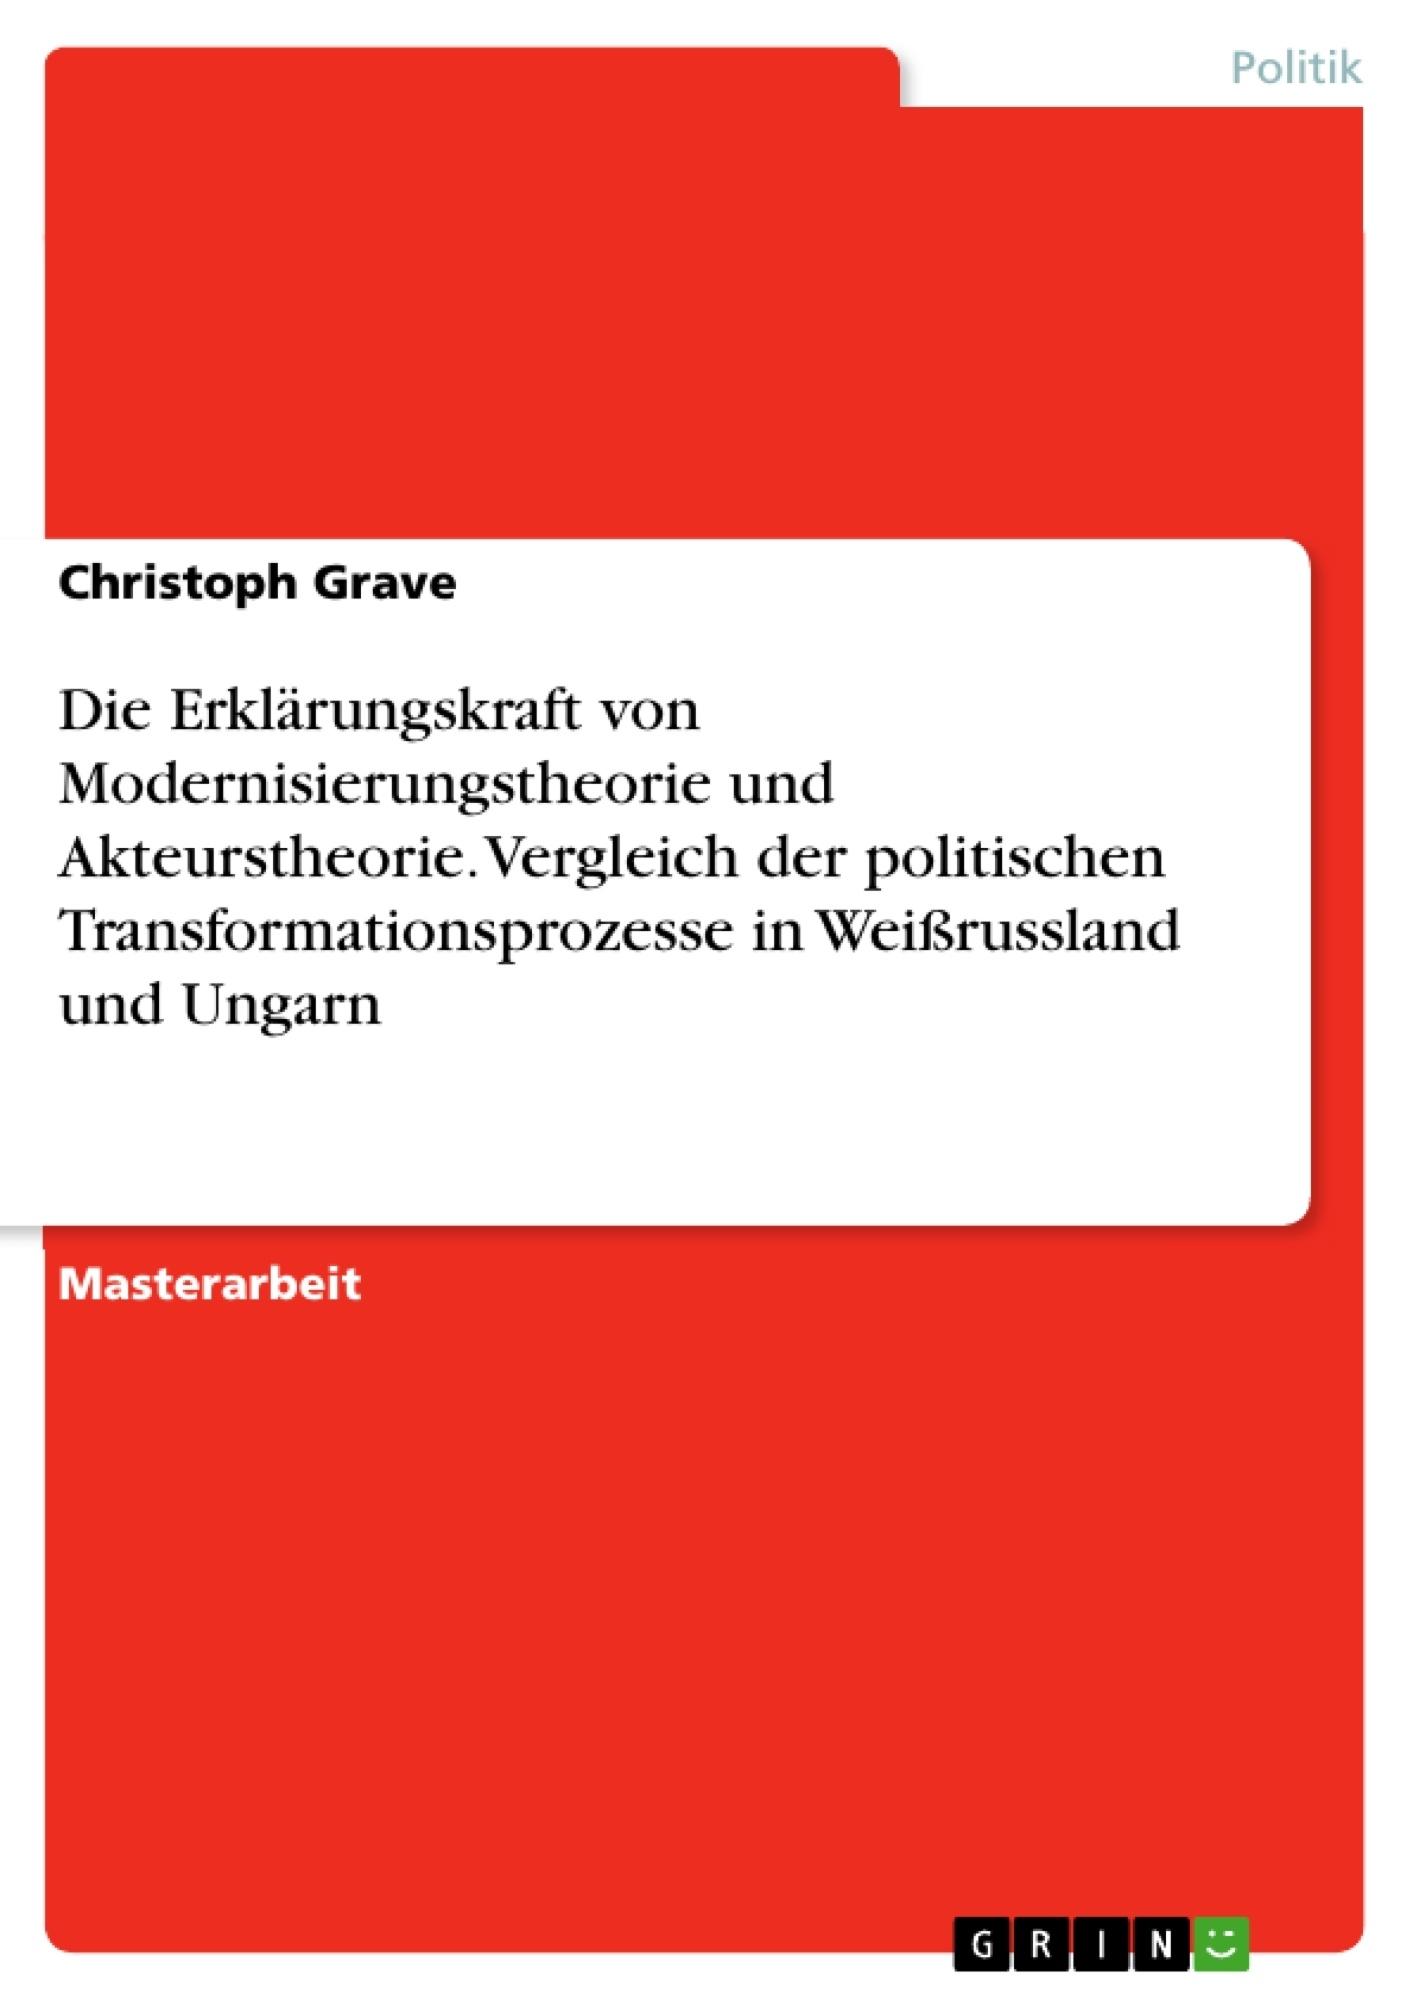 Titel: Die Erklärungskraft von Modernisierungstheorie und Akteurstheorie. Vergleich der politischen Transformationsprozesse in Weißrussland und Ungarn